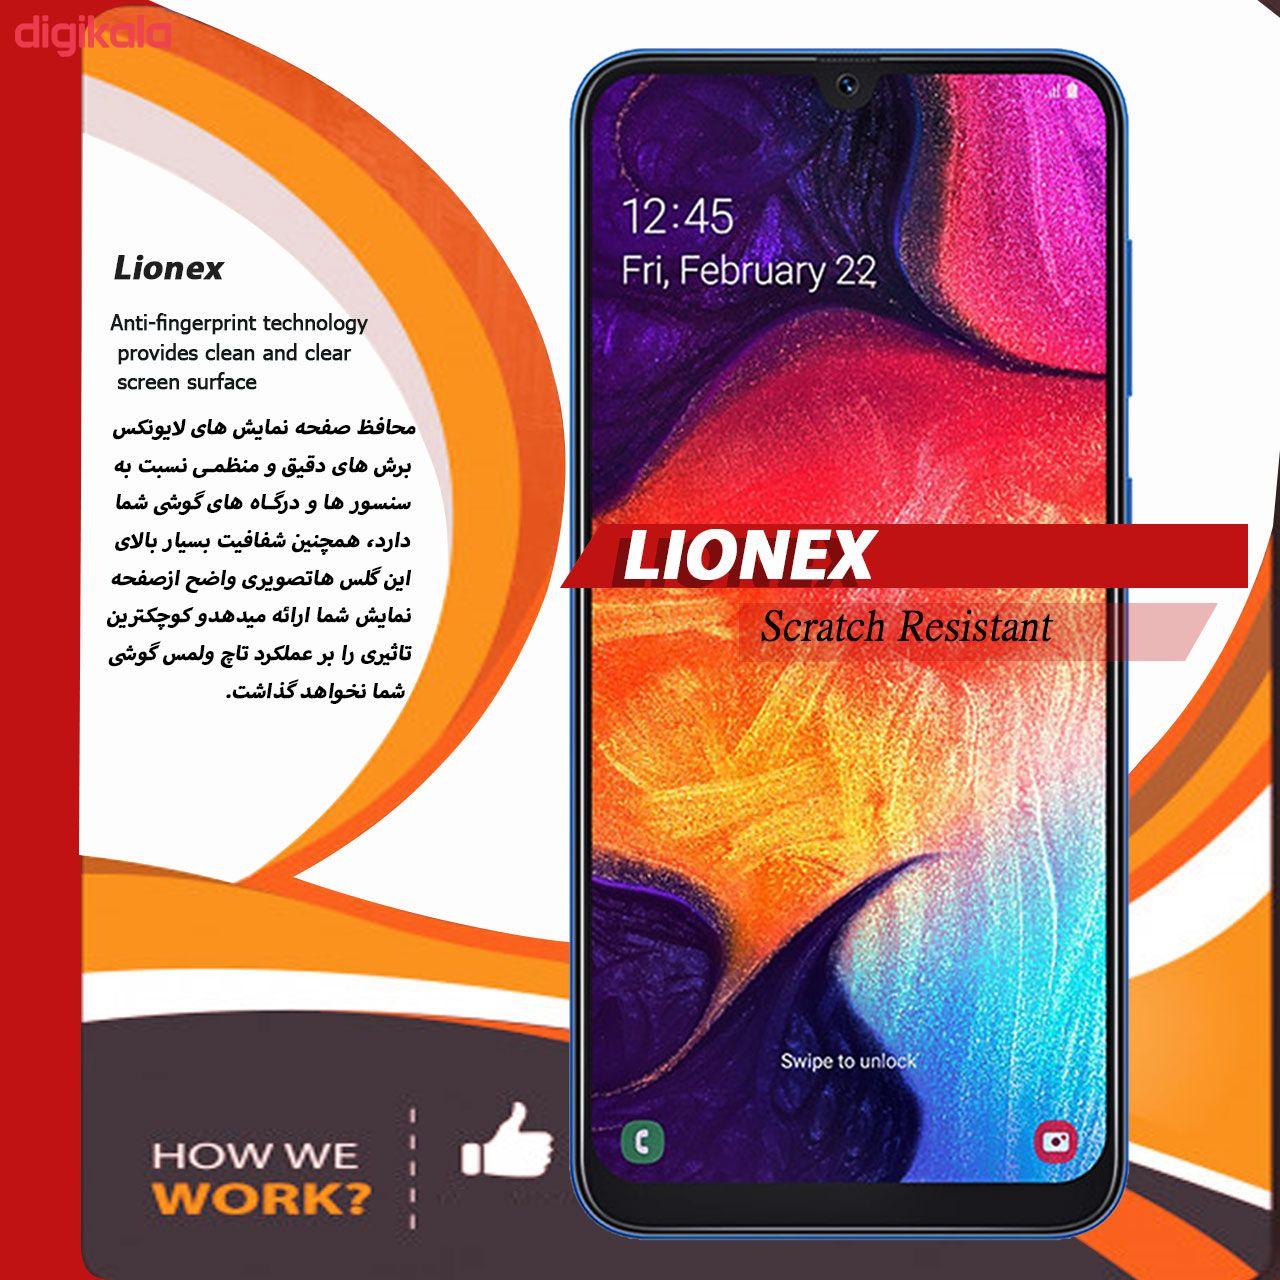 محافظ صفحه نمایش 5D لایونکس مدل USS مناسب برای گوشی موبایل سامسونگ Galaxy A50 main 1 4